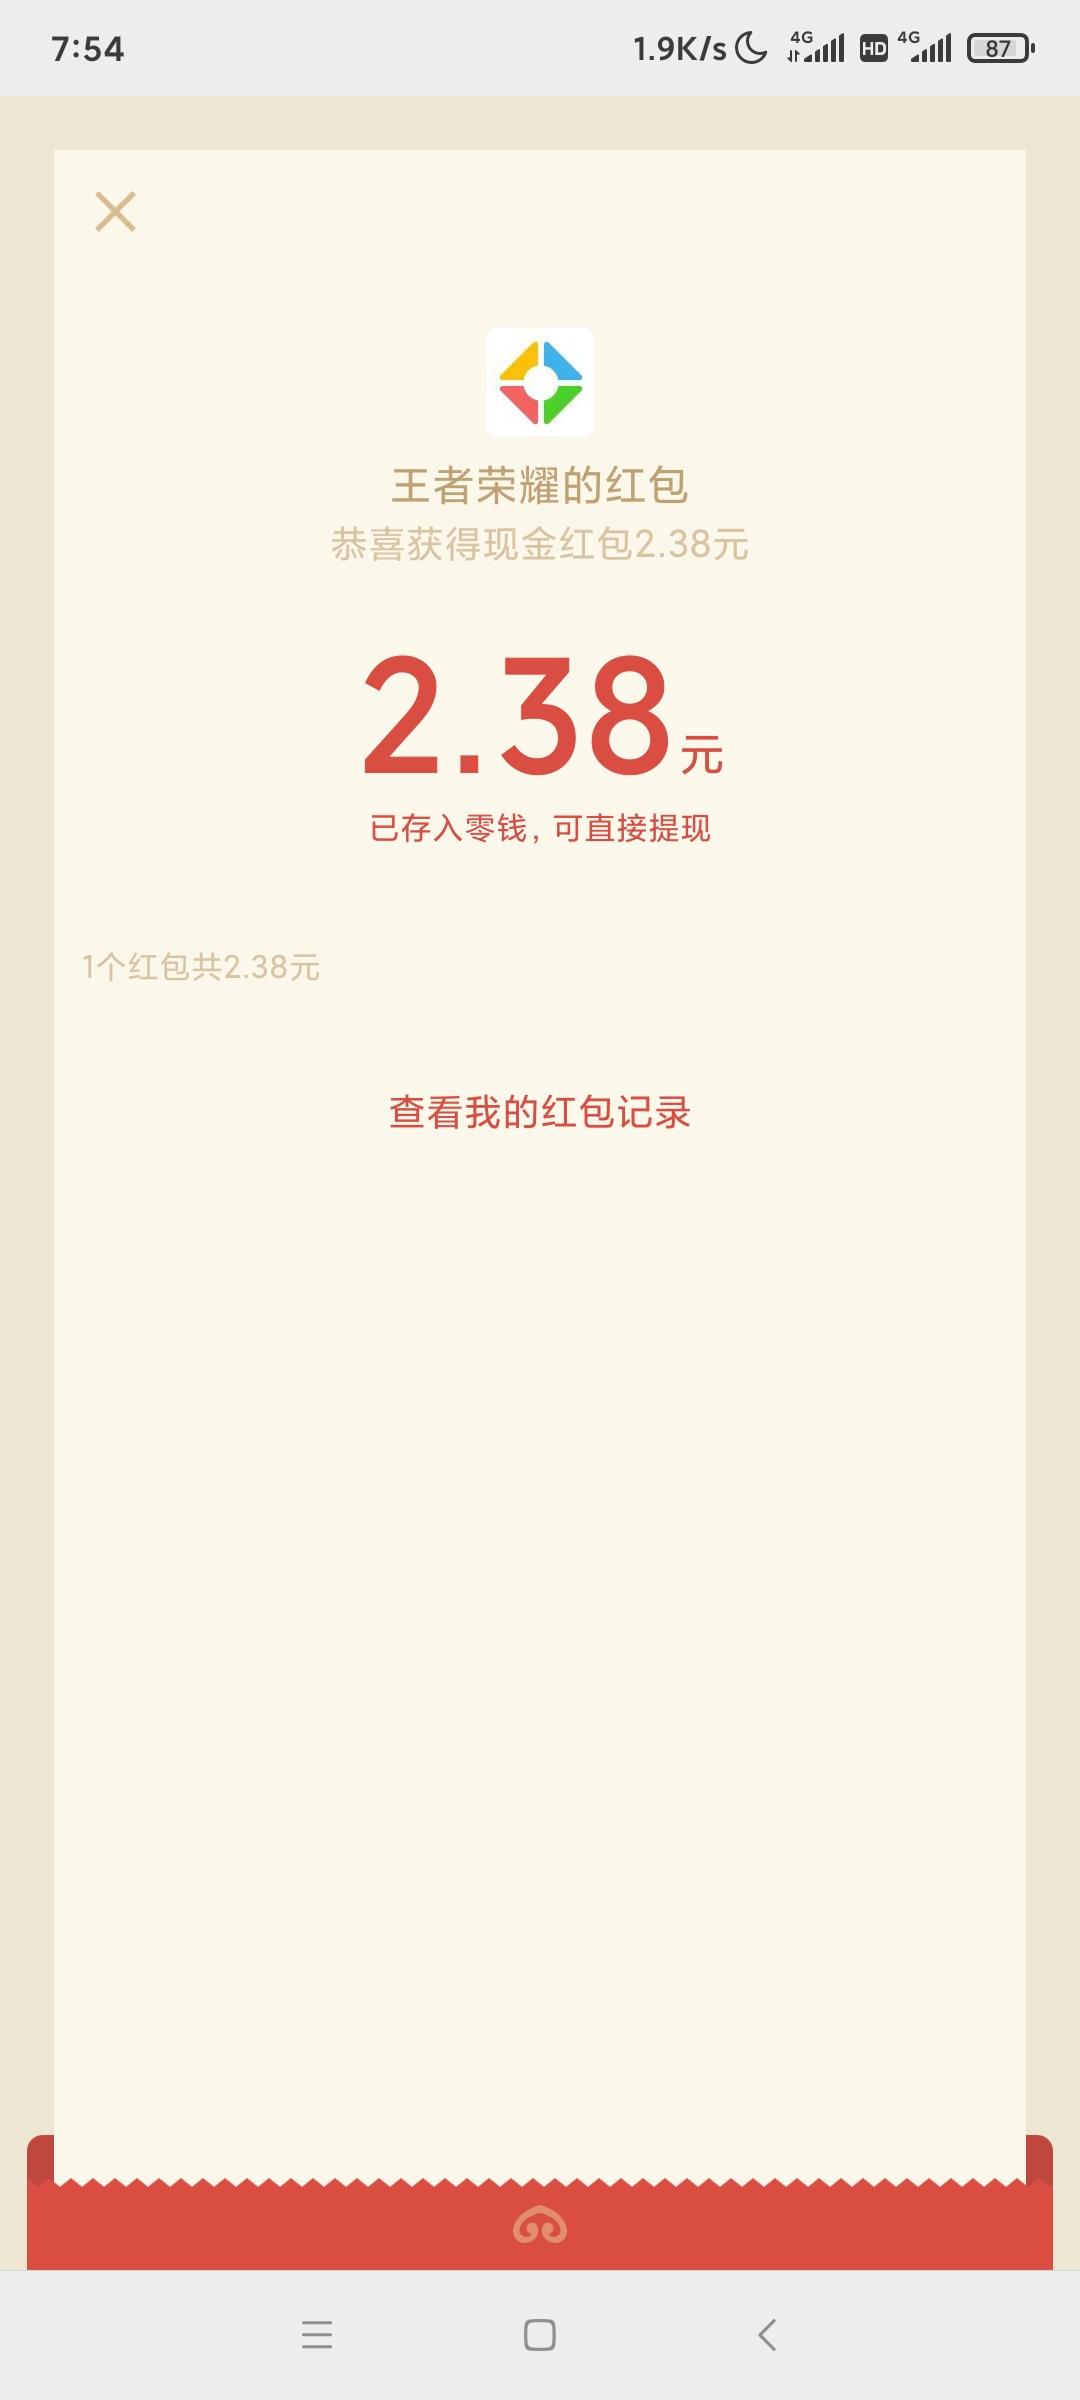 图片[4]-王者荣耀登录微信区打游戏抽红包-老友薅羊毛活动线报网